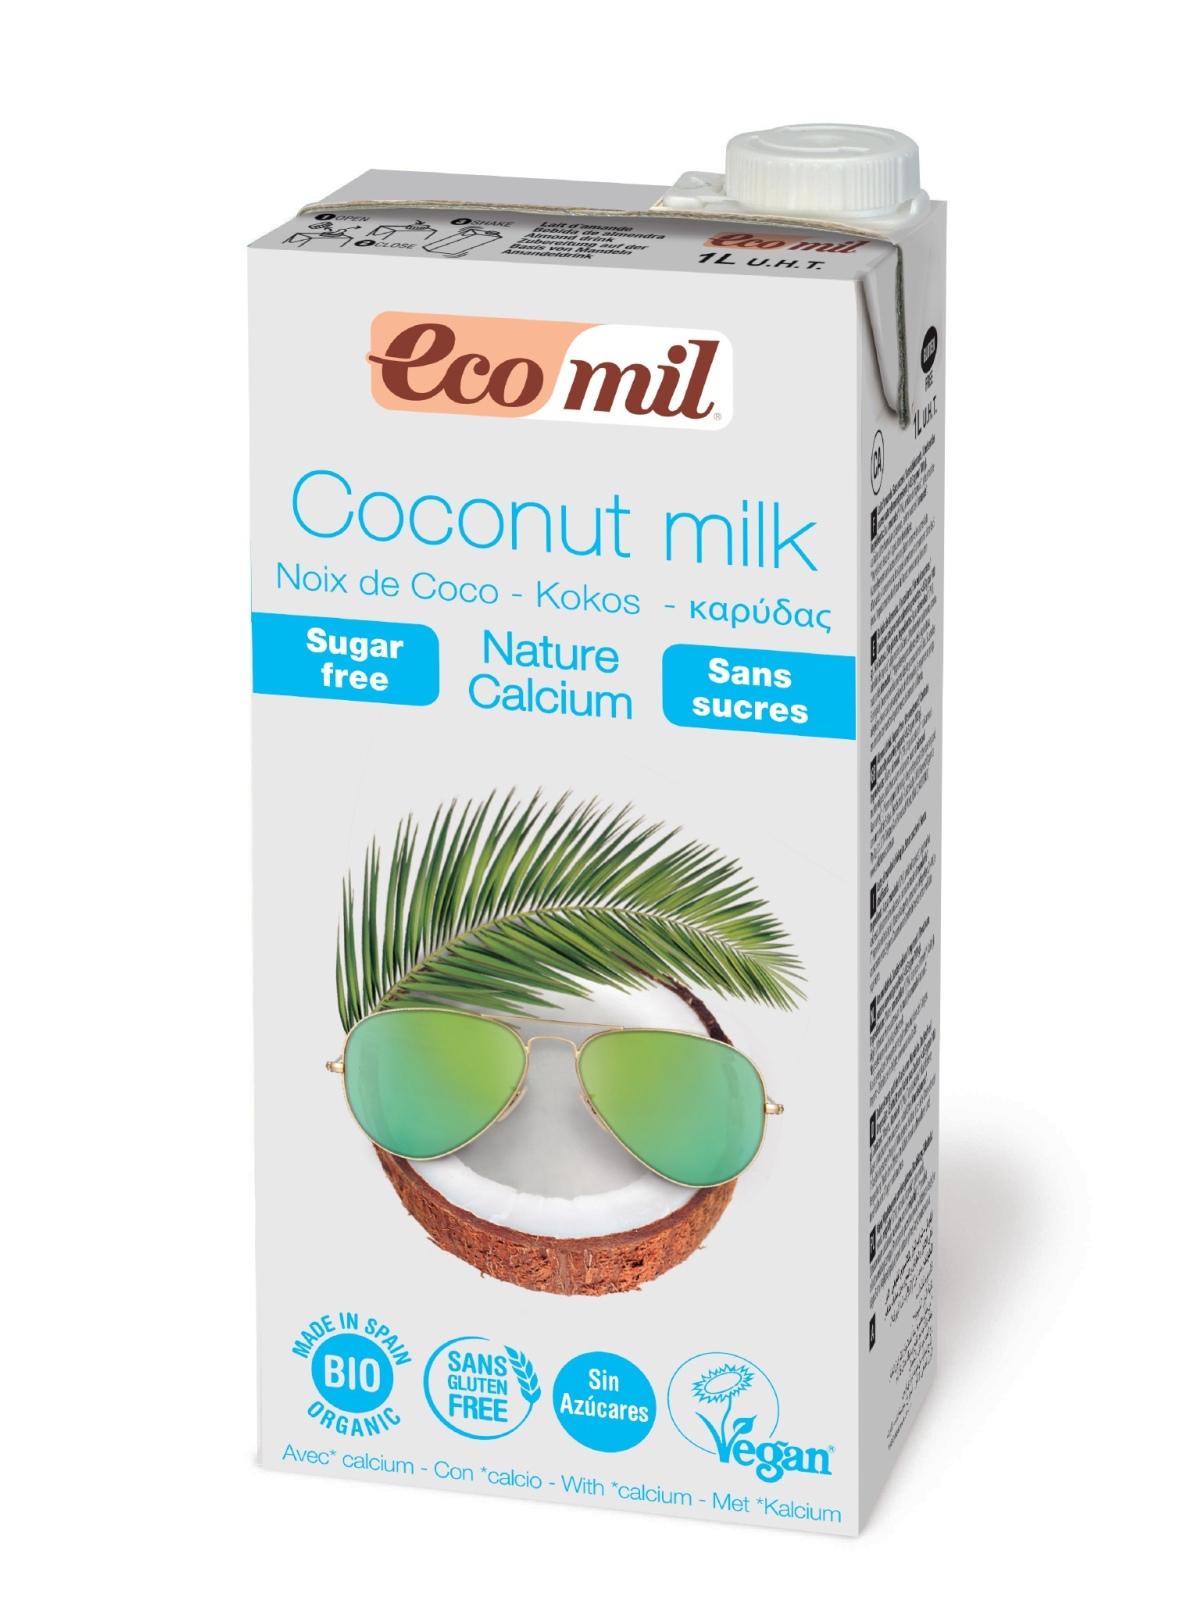 Tetra Brik de Leche de Coconut / Coco Nature Calcium Bio Ecomil 1 L.